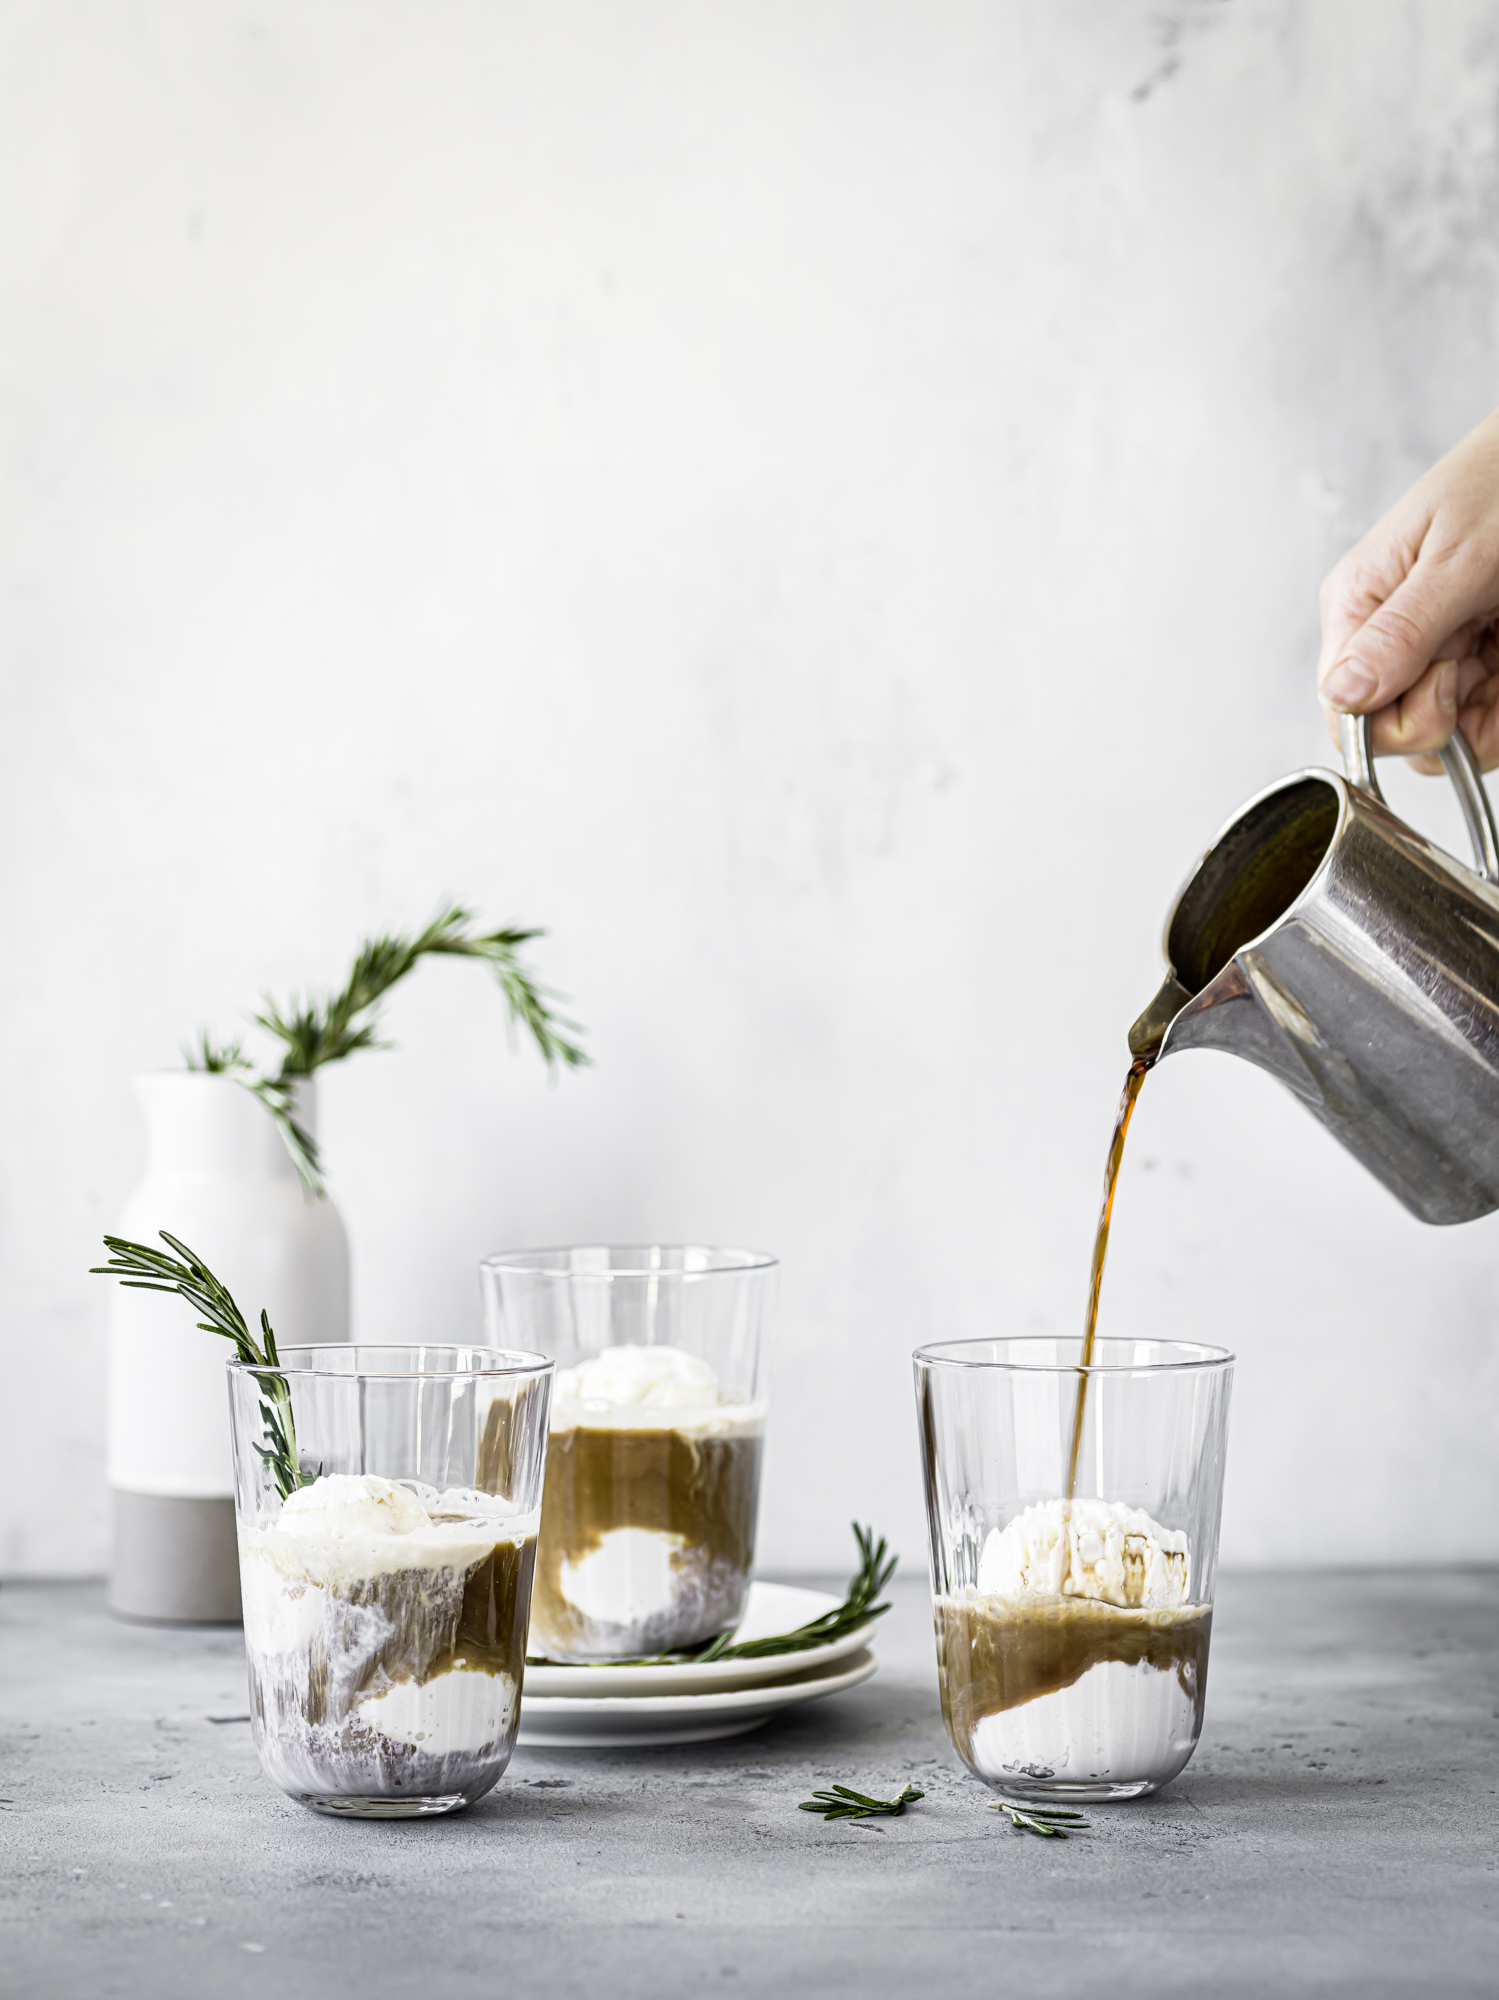 Kaffee-Fotografie   Stefan Schmidlin Fotograf Basel, Bild 1.jpg